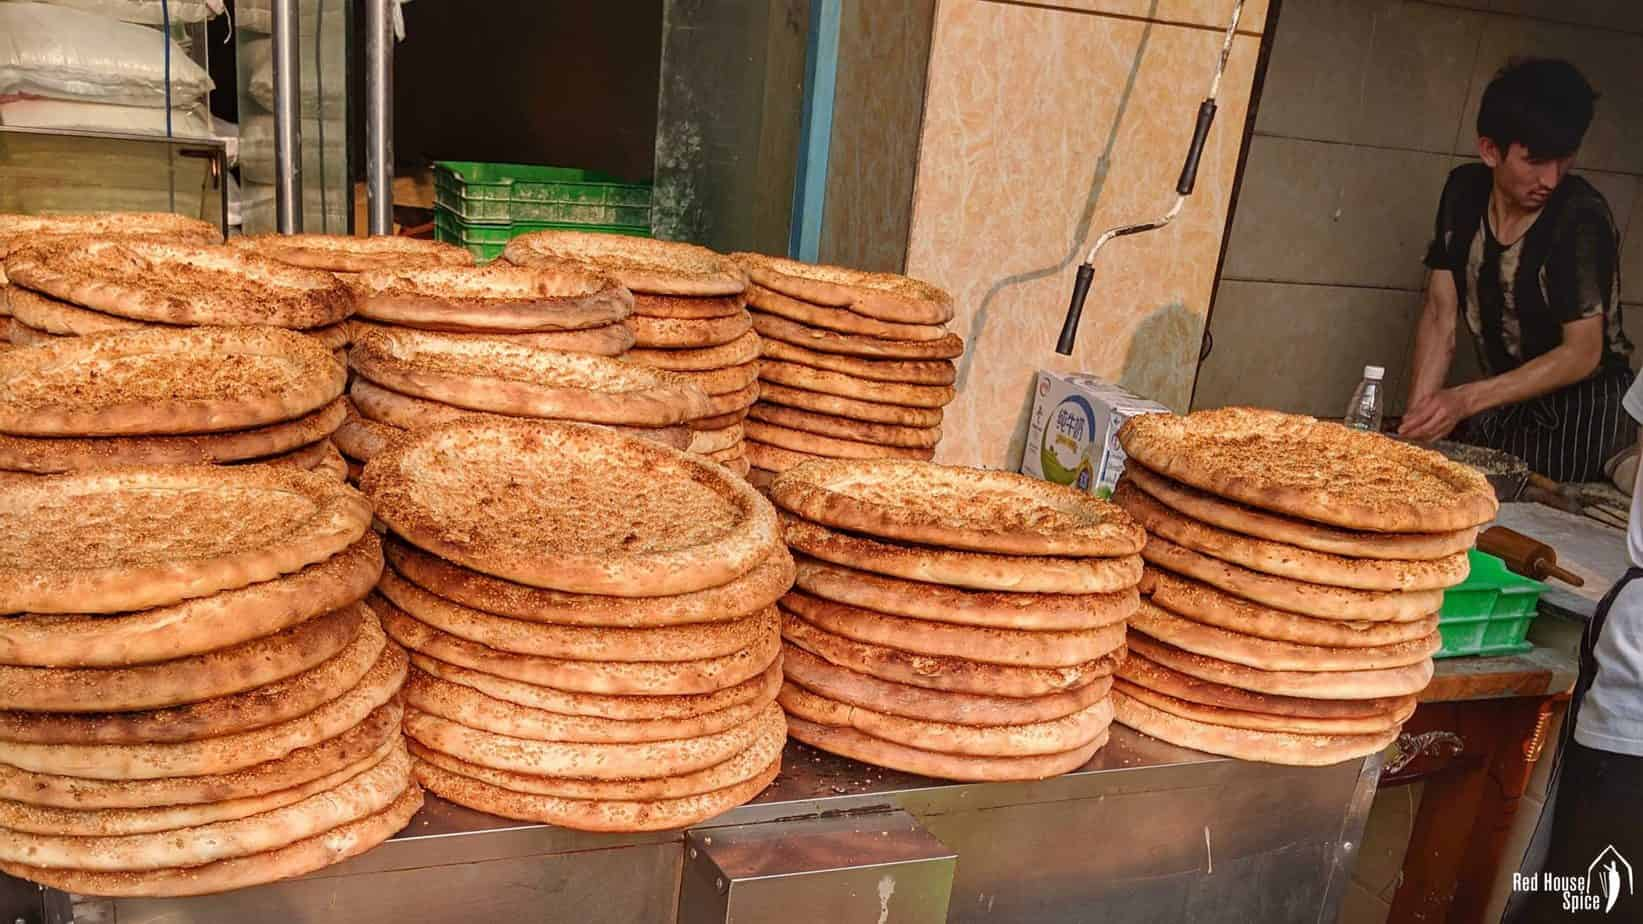 Xinjiang style Nang bread sold at a street stall.